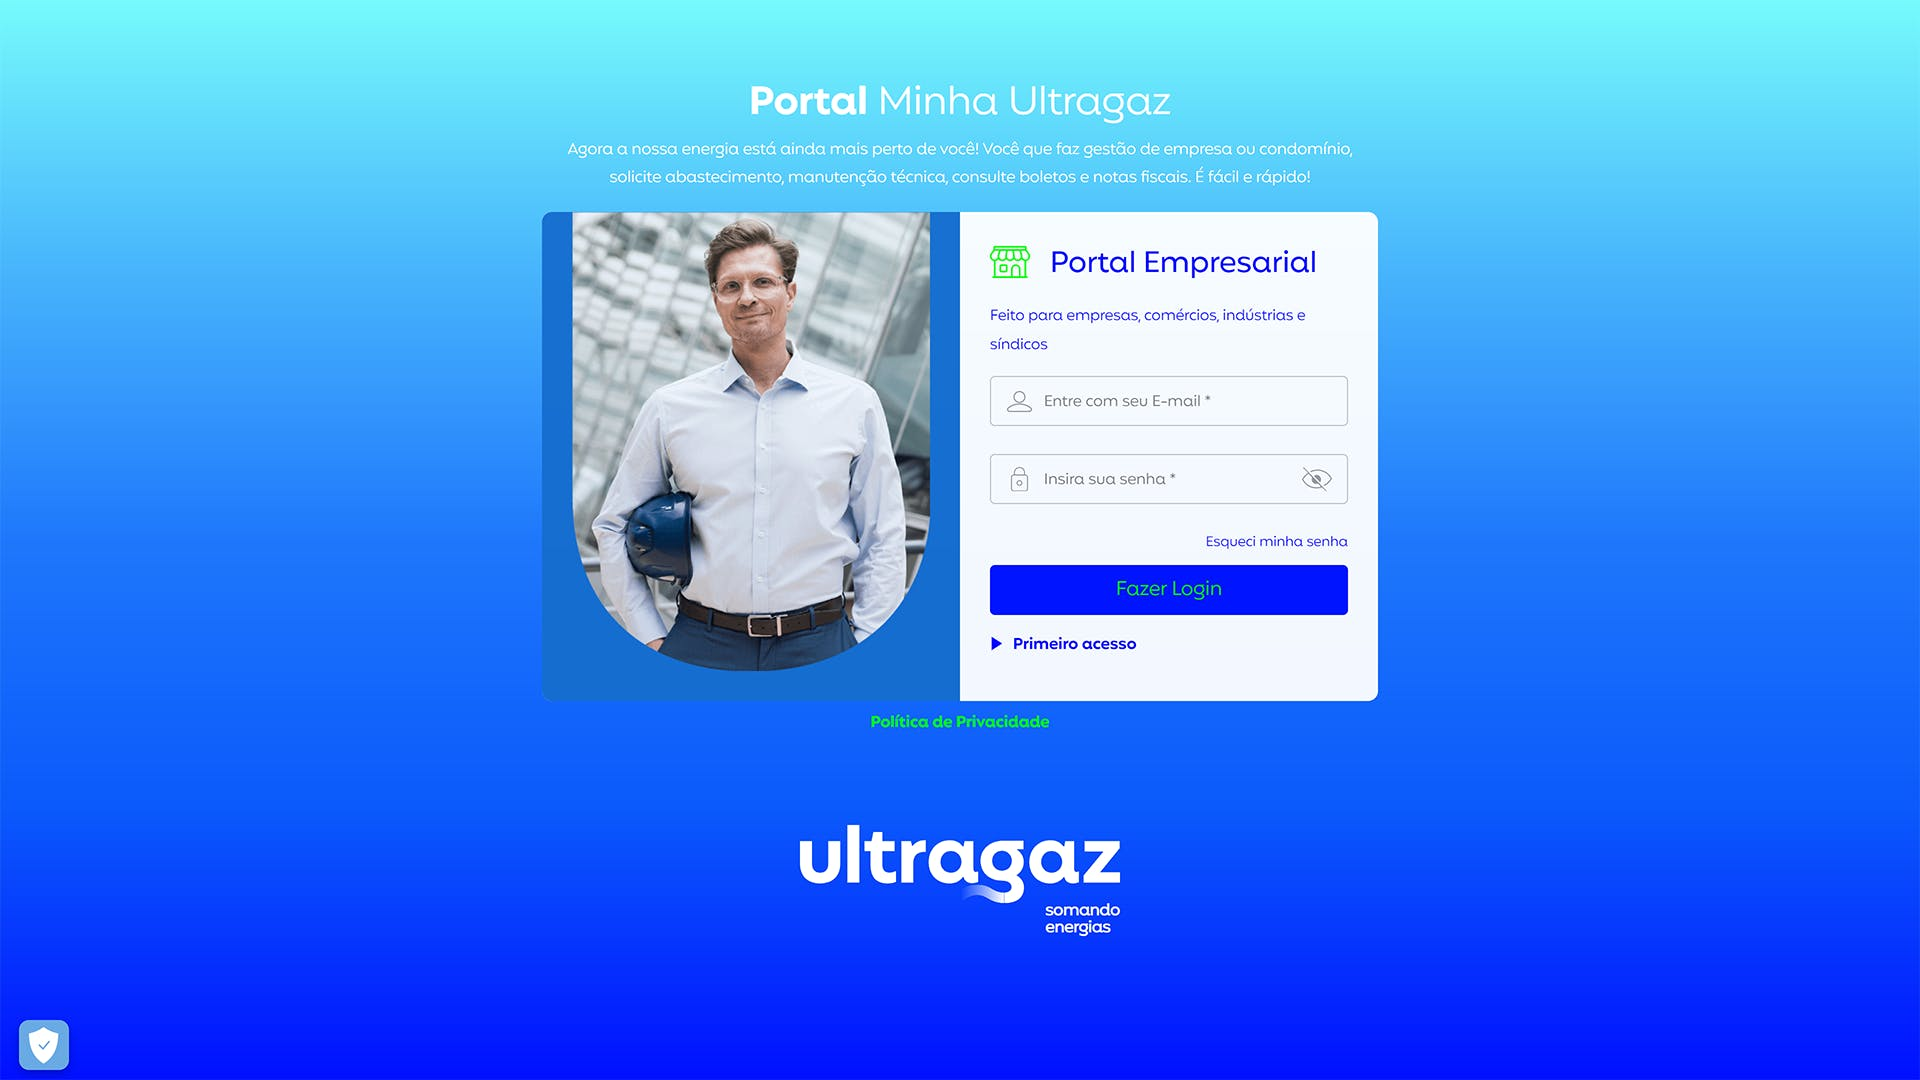 Minha Ultragaz